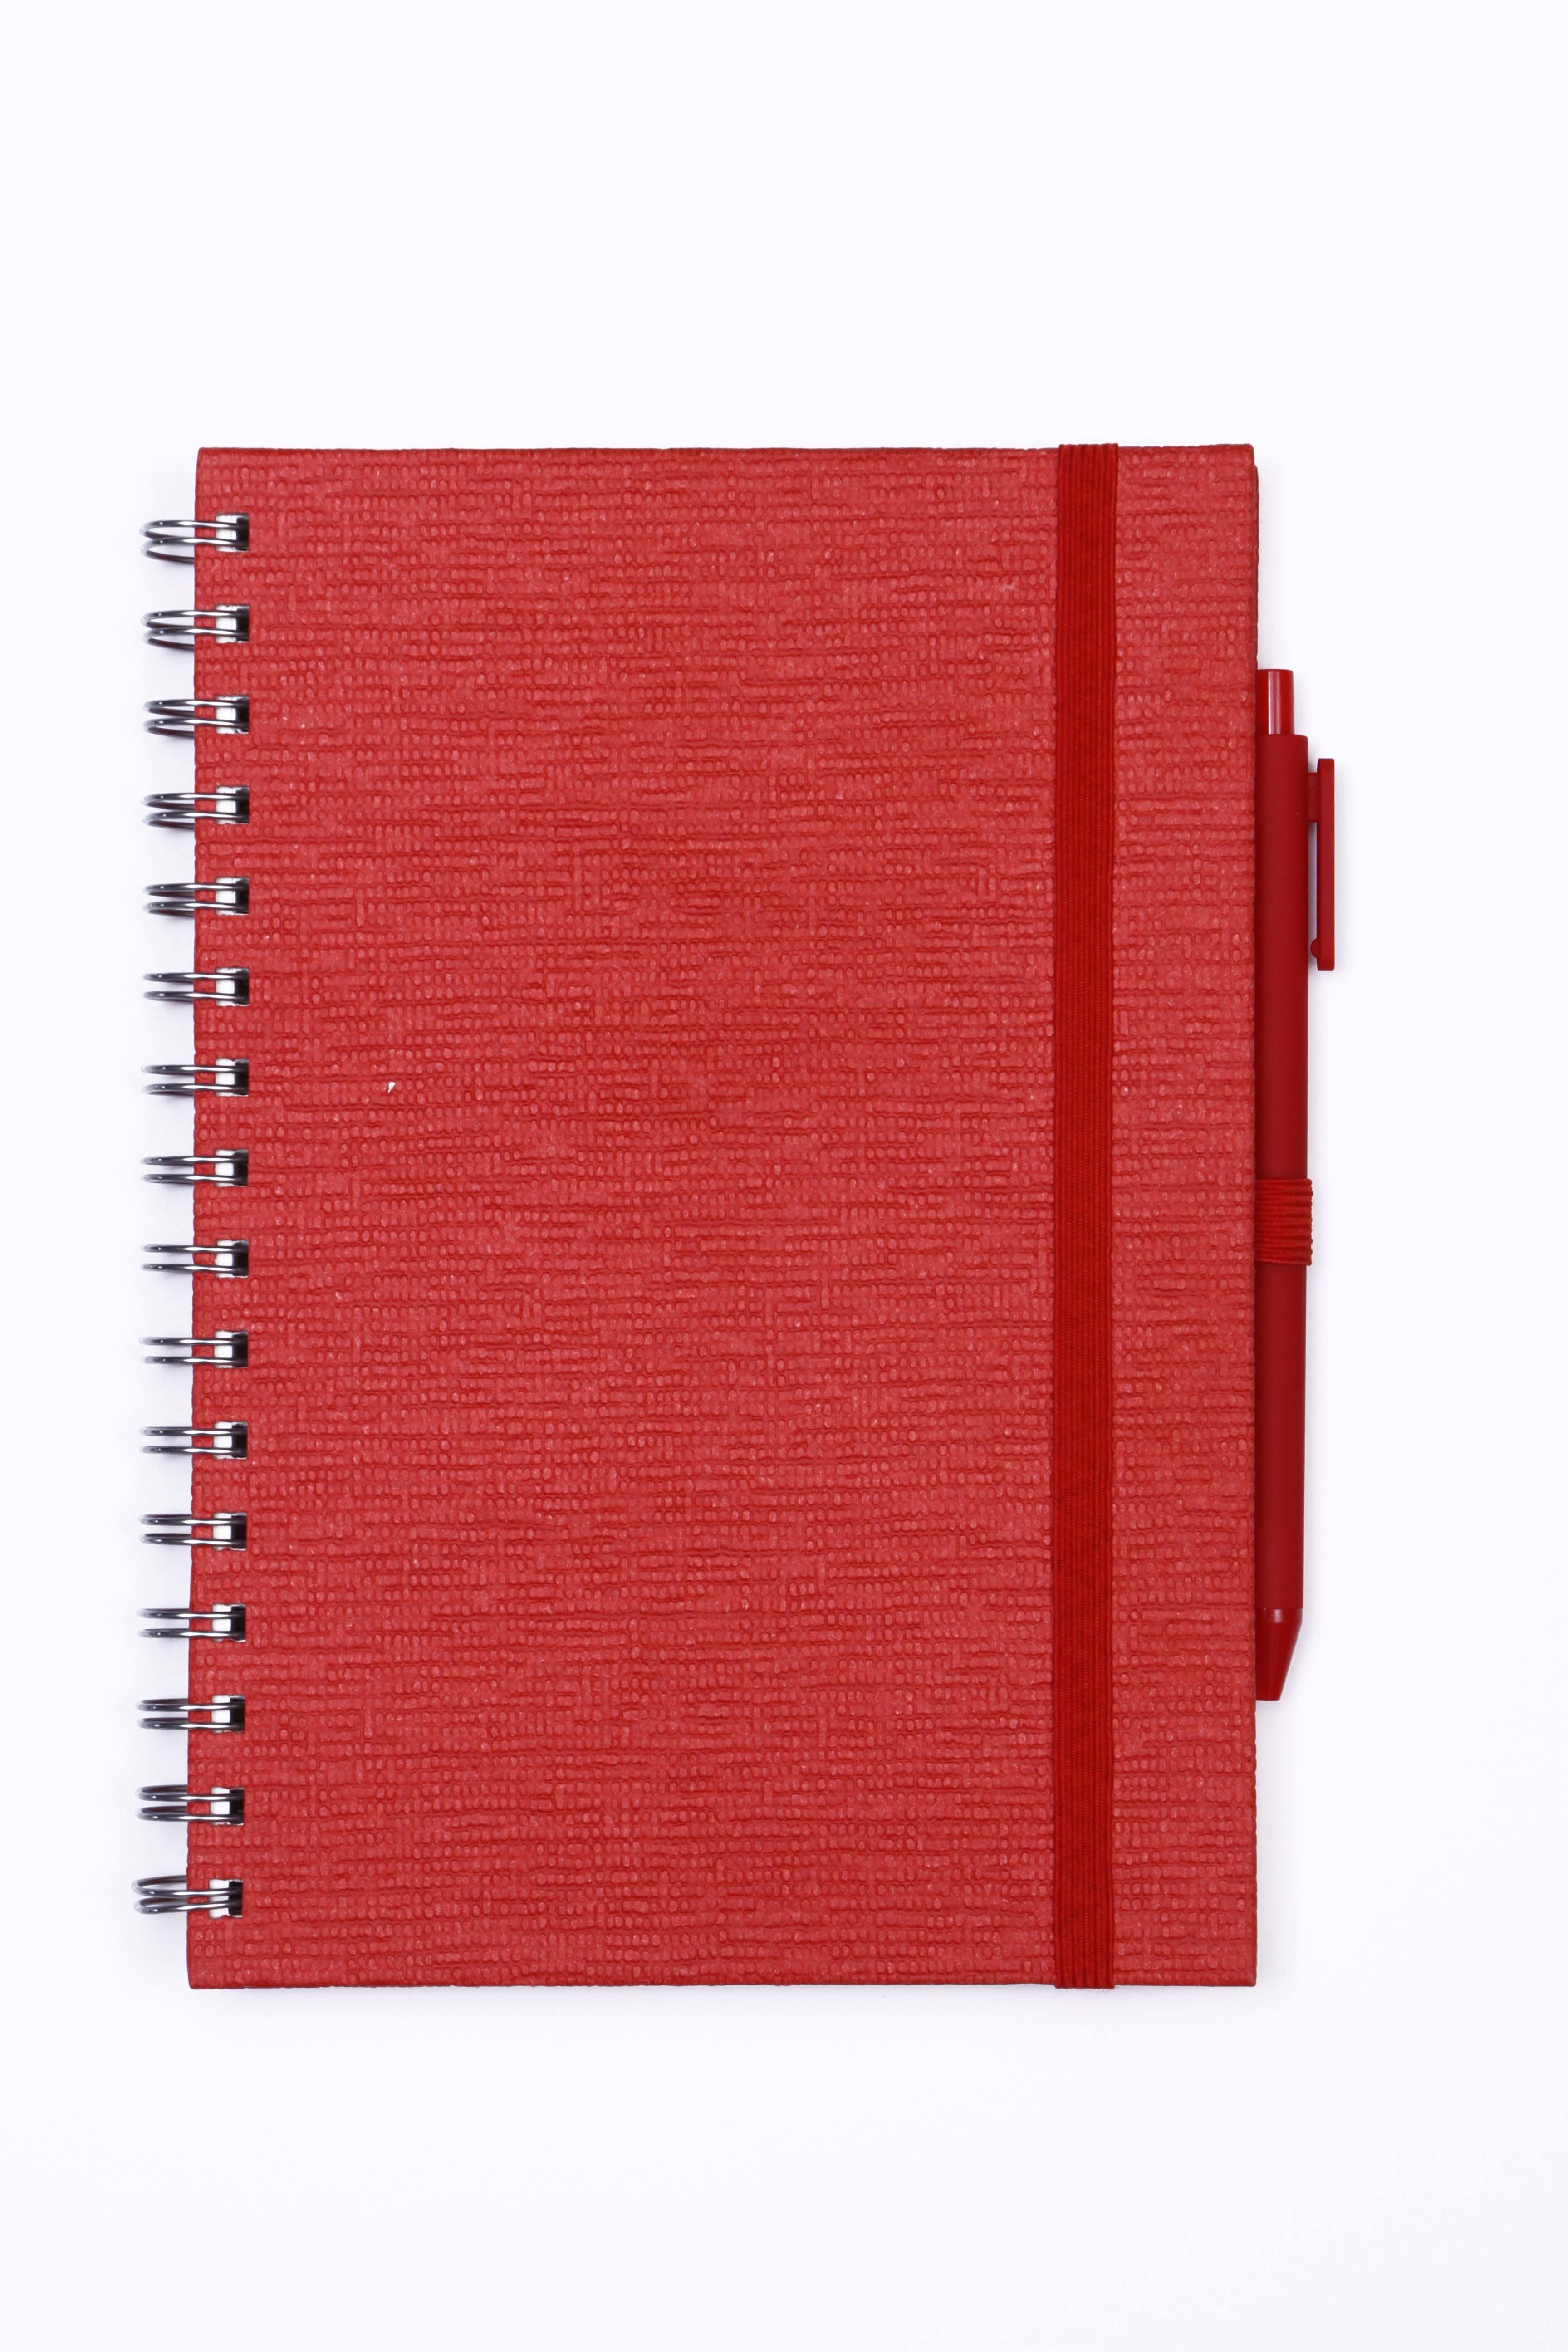 Designer Diaries